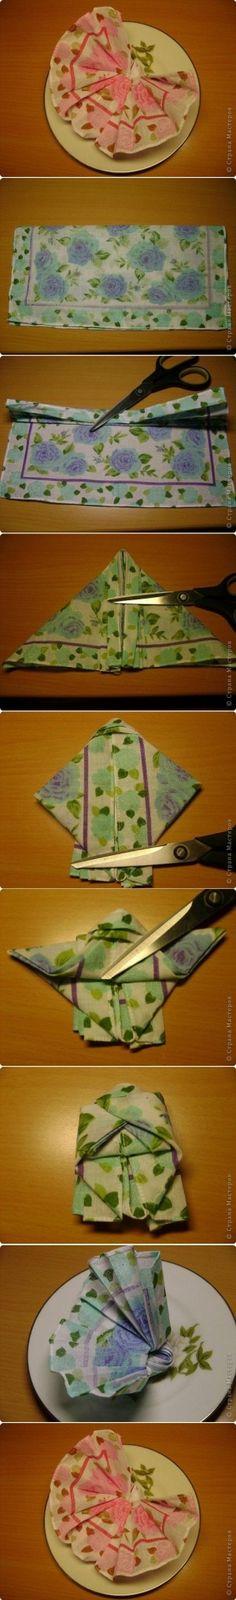 DIY Butterfly Napkin Fold DIY Butterfly Napkin Fold by diyforever